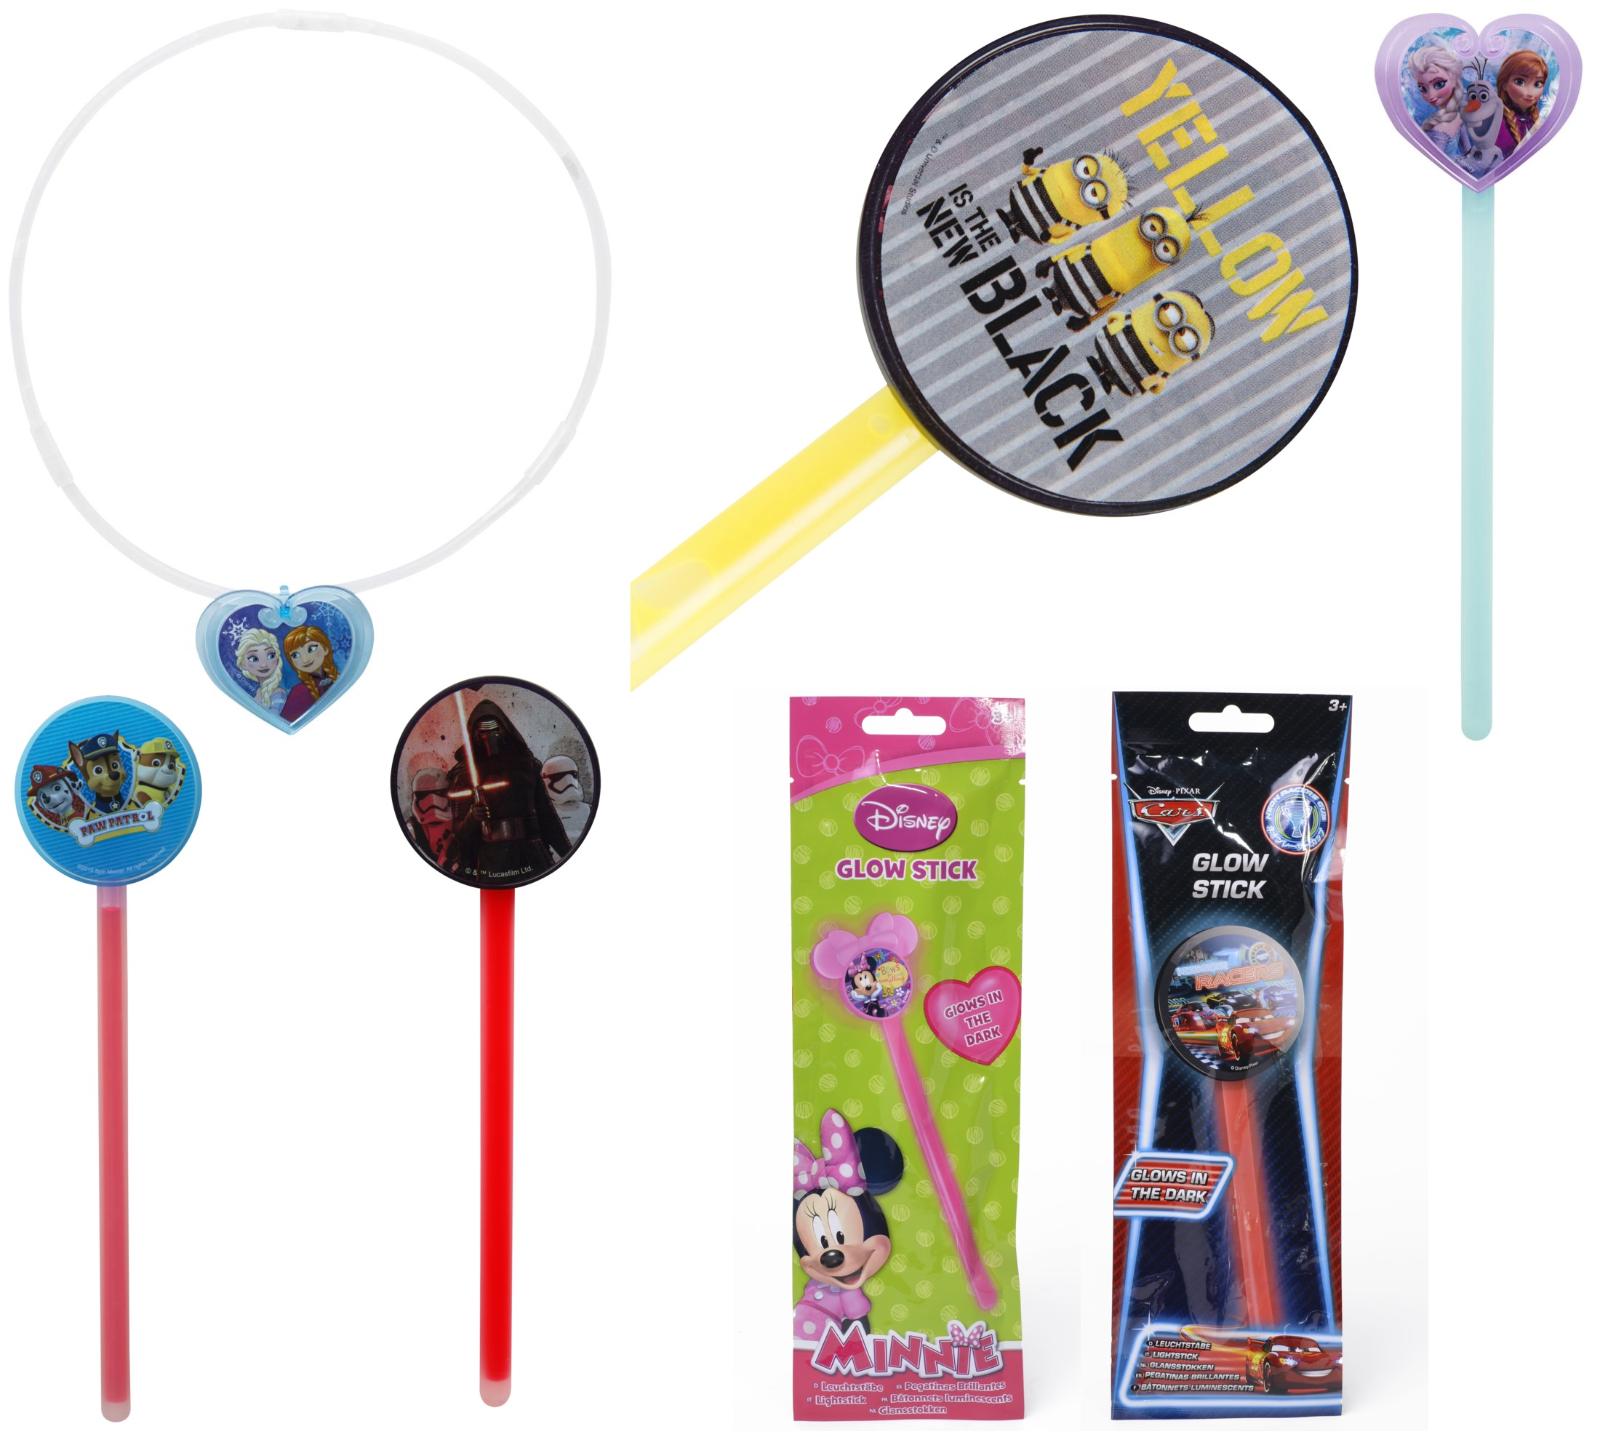 Paw Patrol Kids Glow Sticks Sticks Sticks STARWARS, Minion, voitures, congelés Glow Collier Camping 463c59